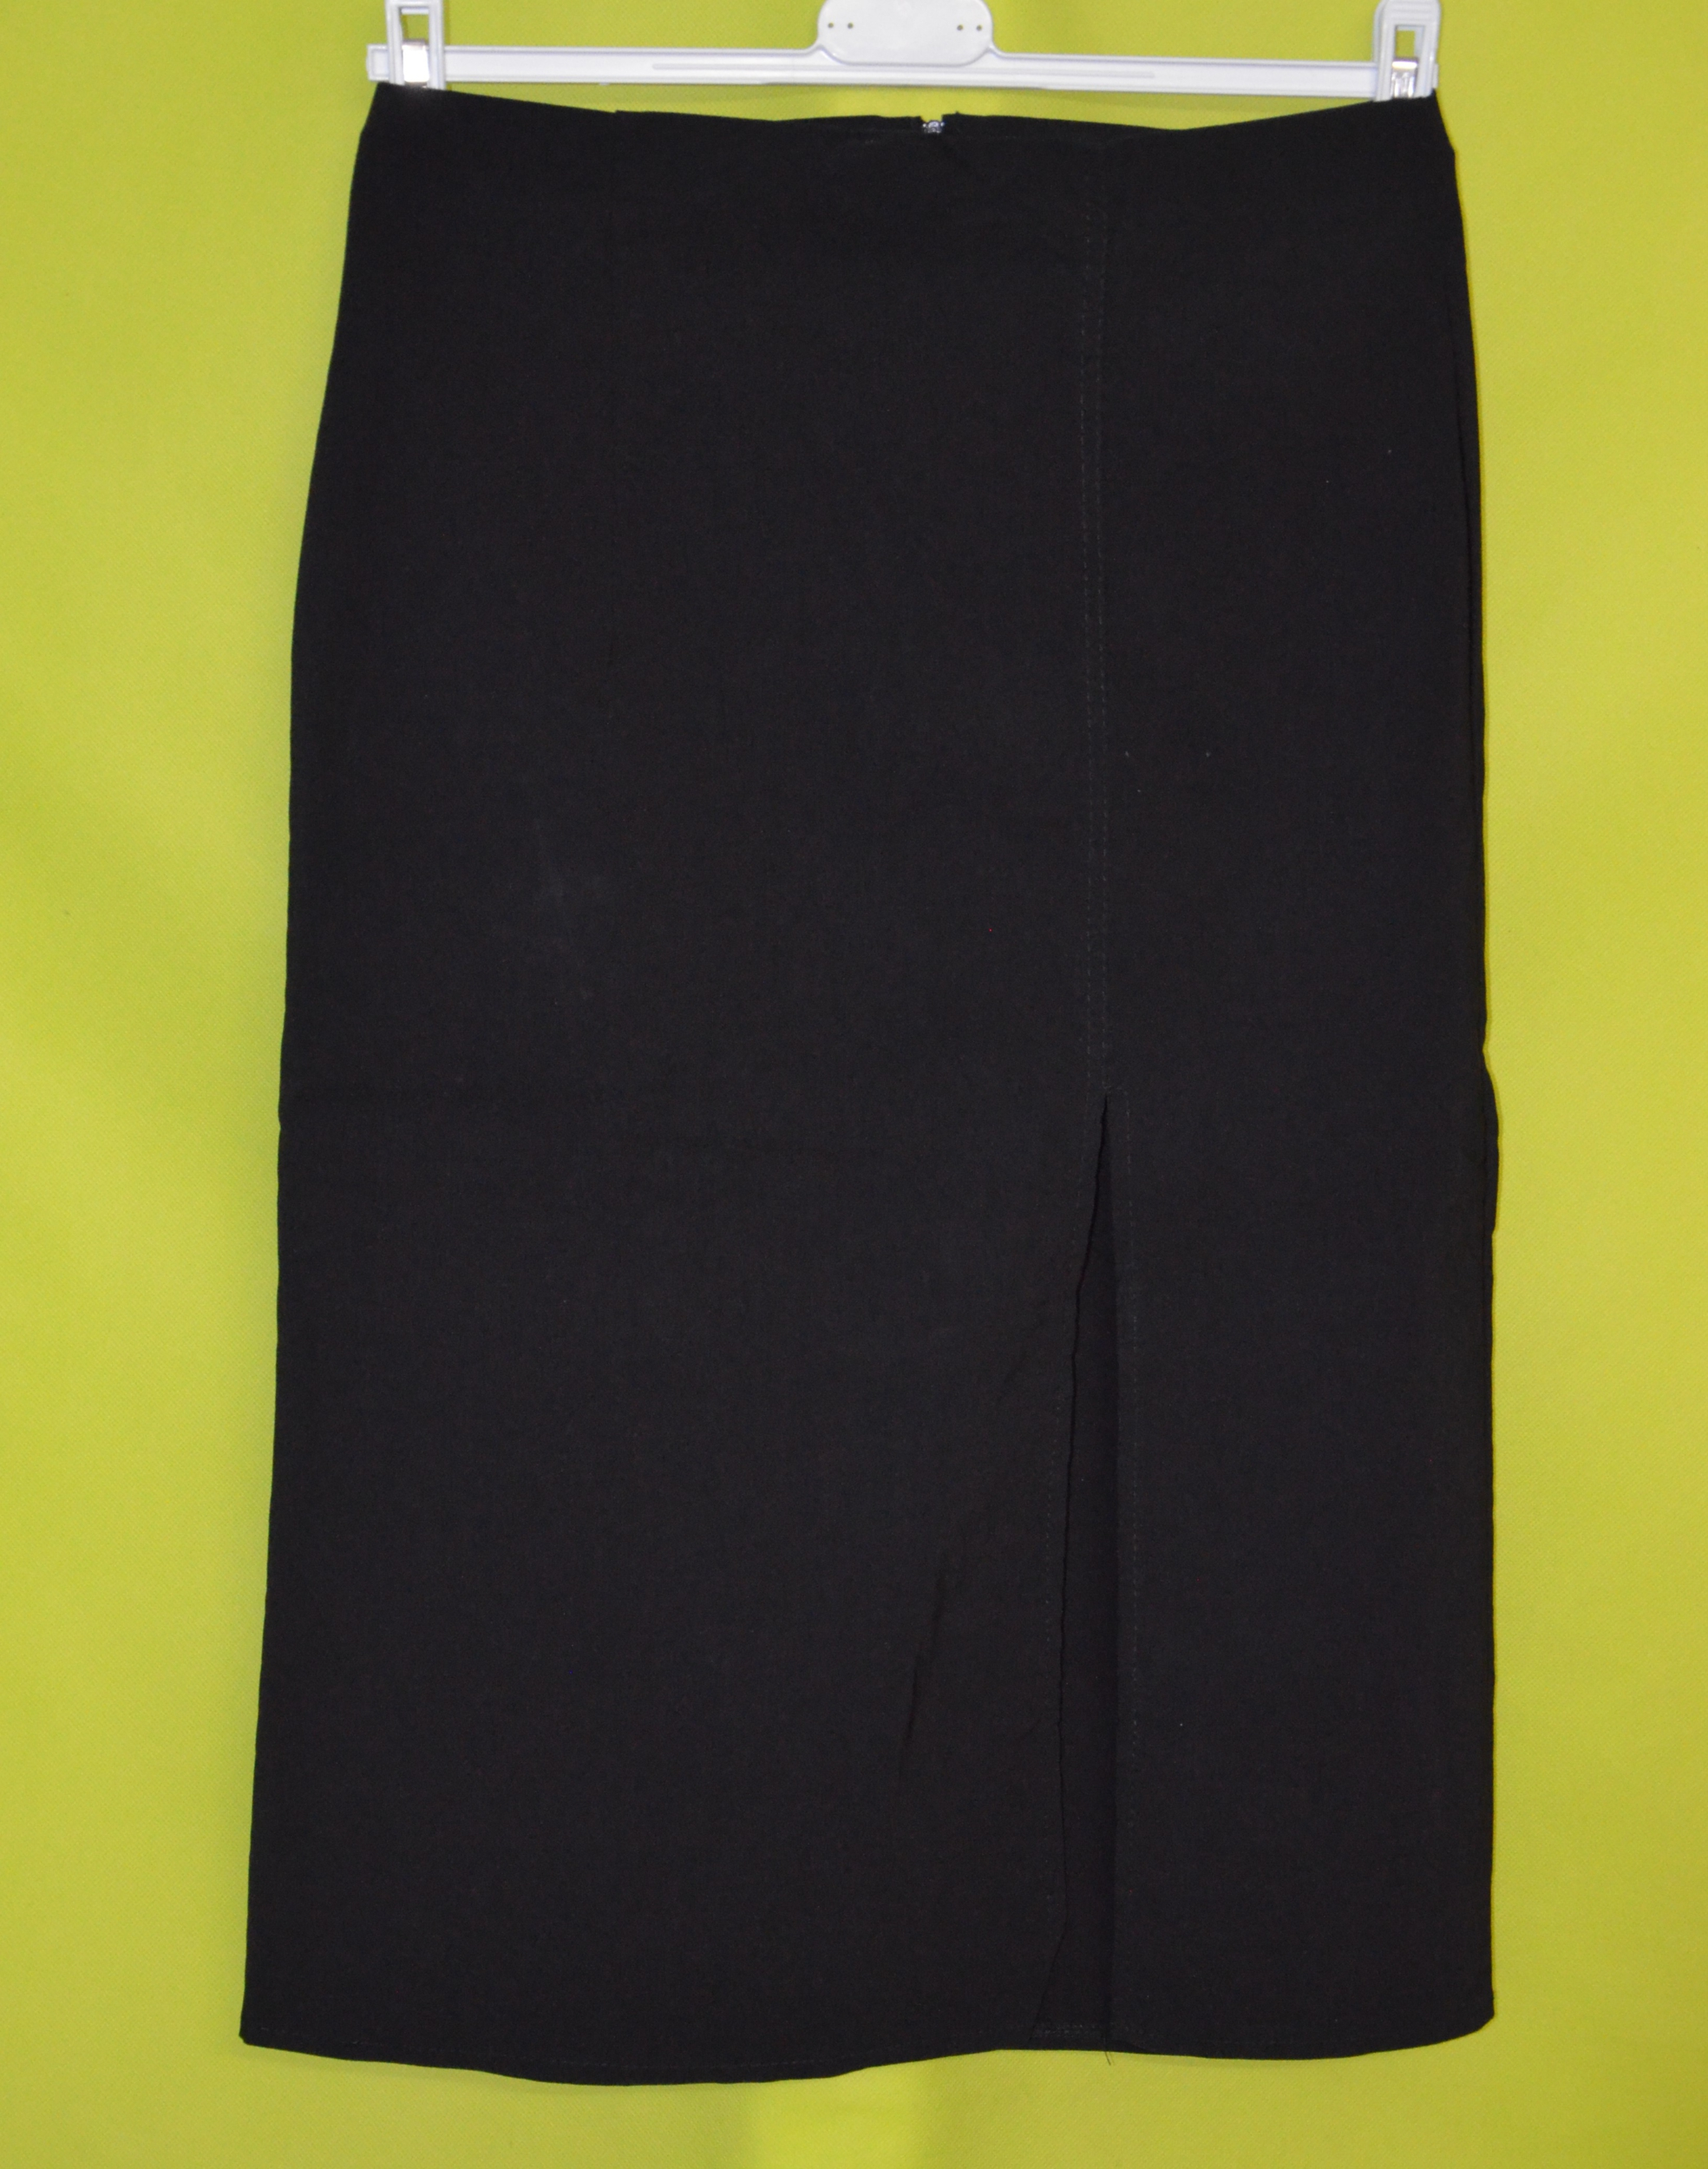 jupe noir femme taille 2 sans marque